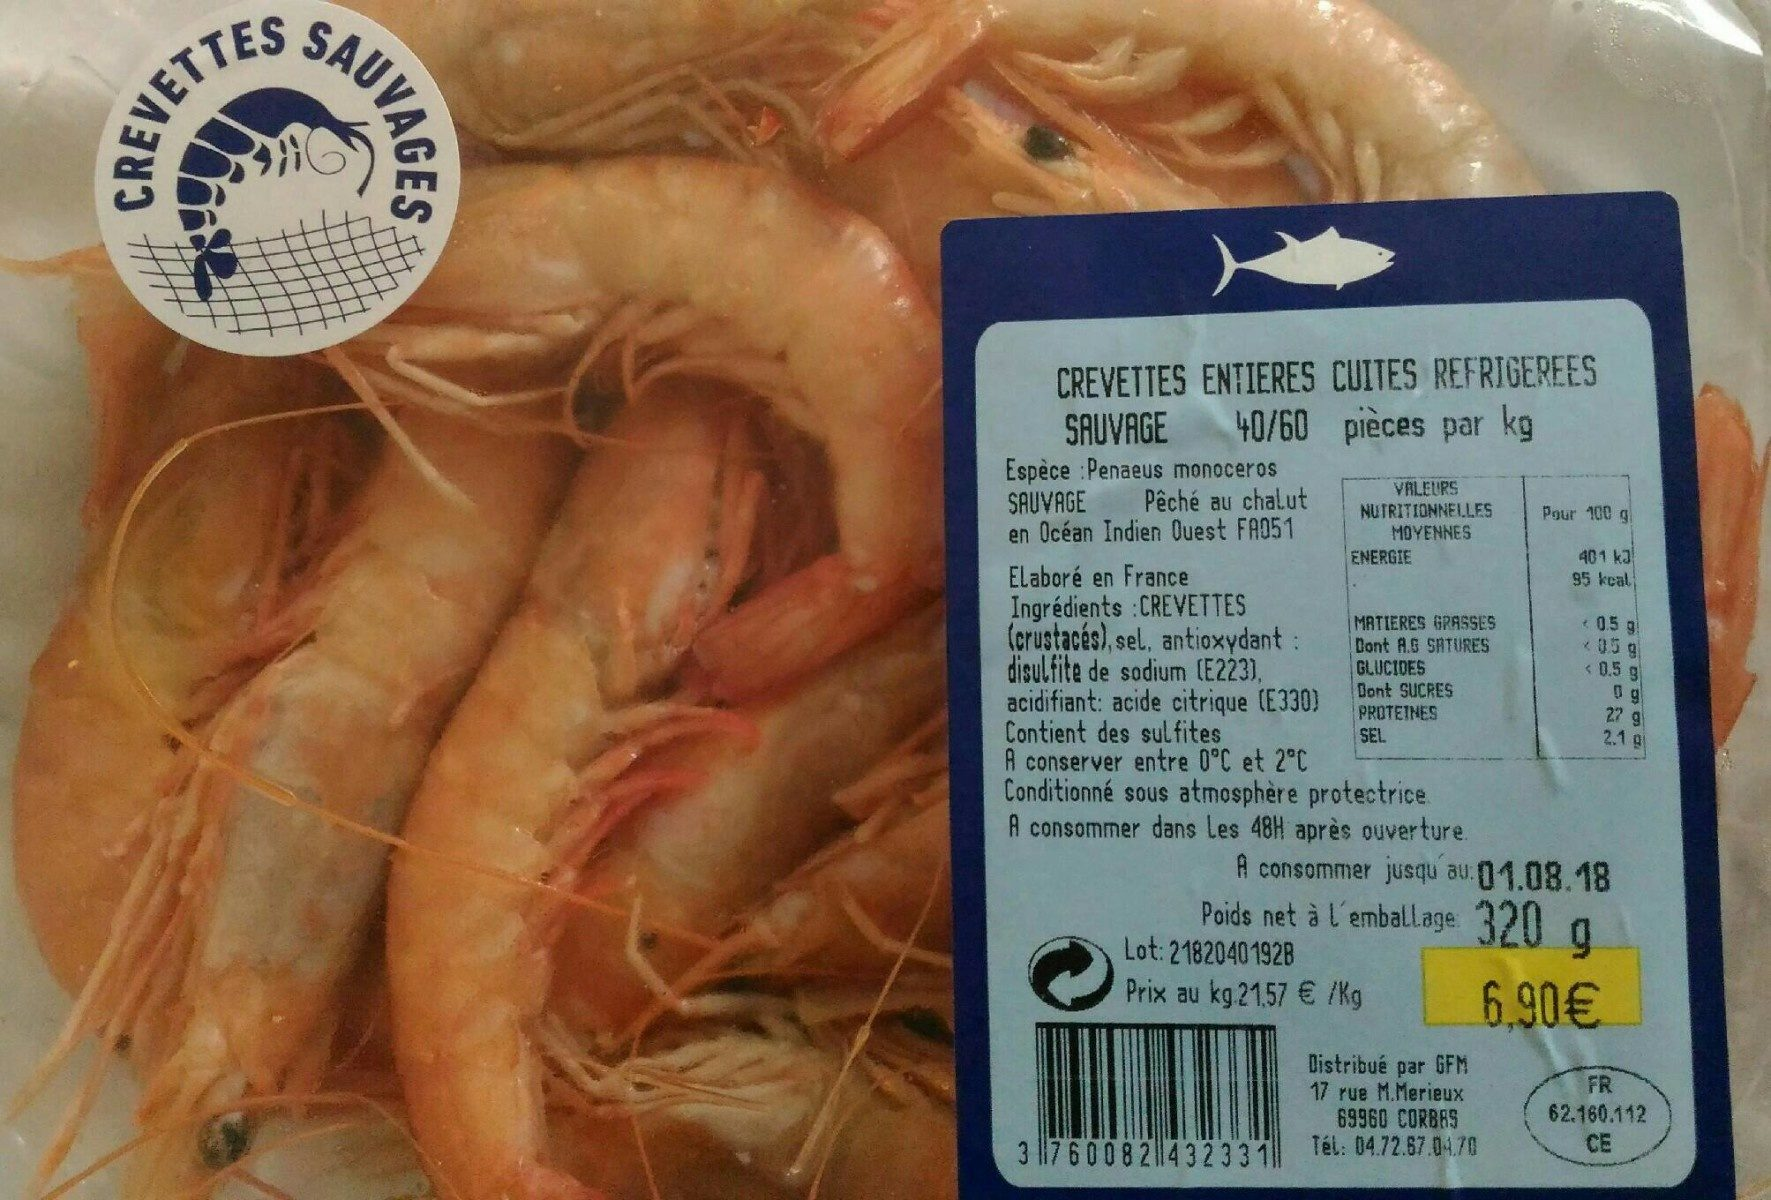 Crevettes sauvages entières cuites réfrigérées - Product - fr